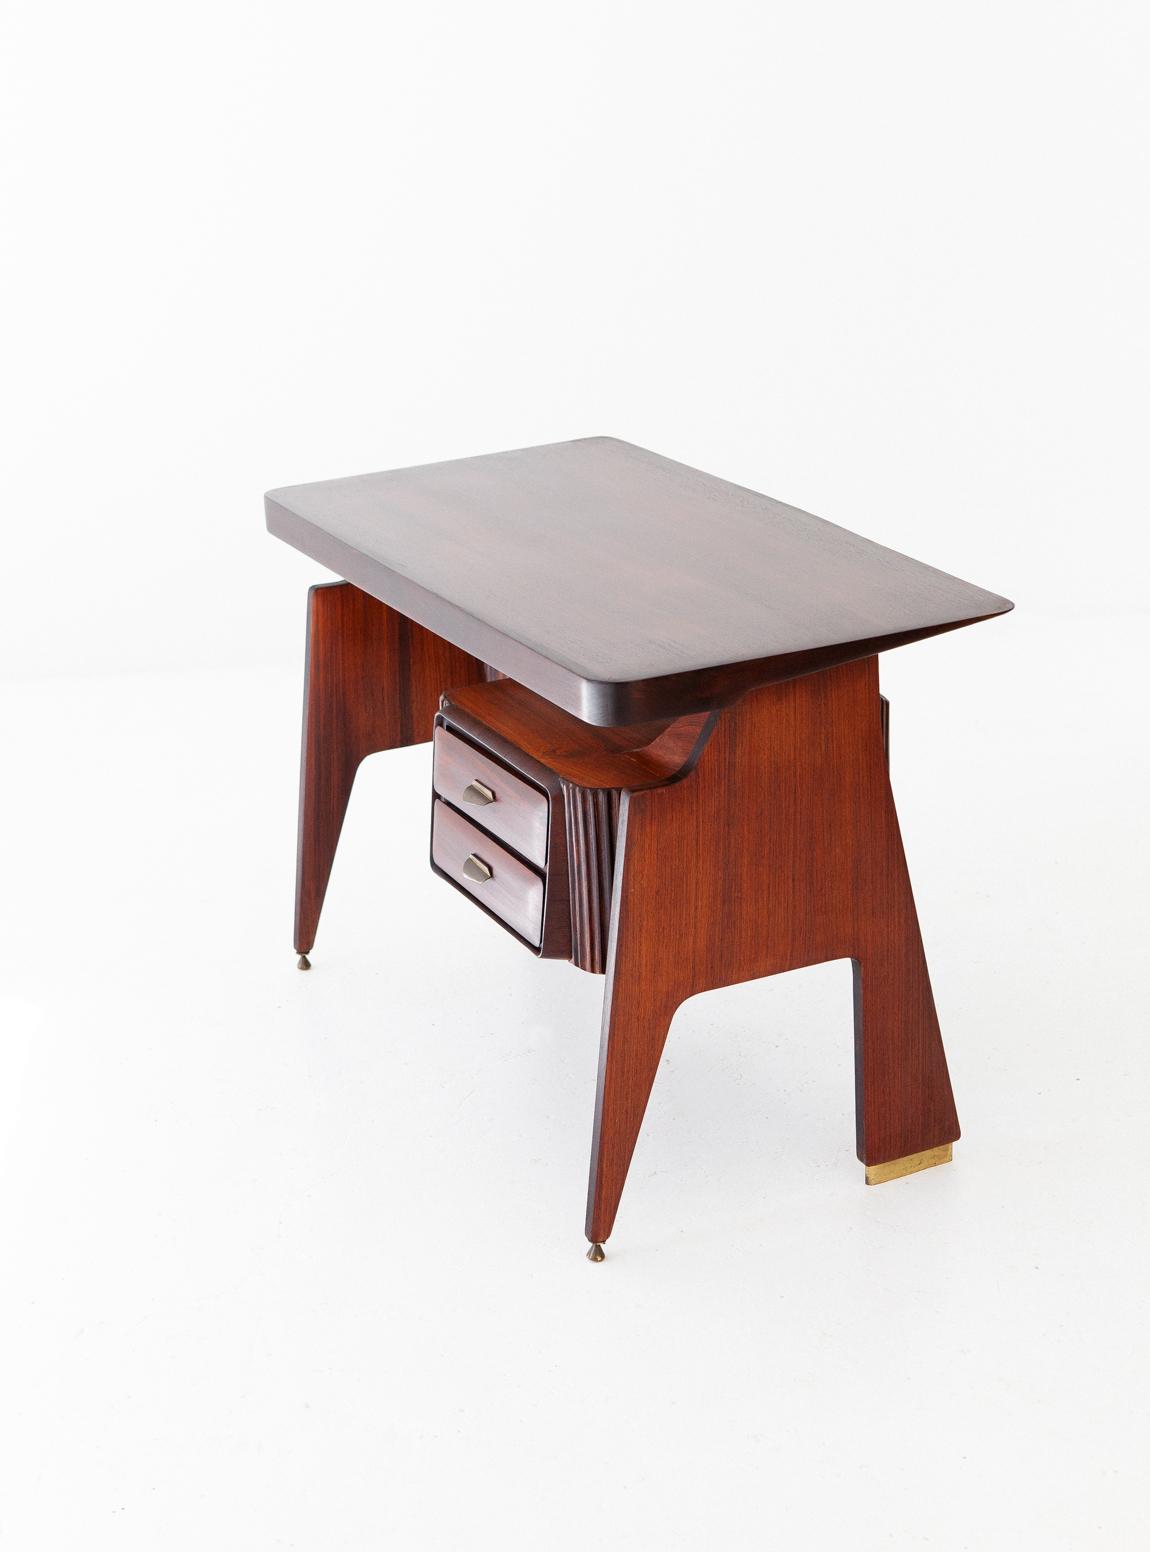 1950s-Italian-rosewood-desk-table-dassi-4-d28